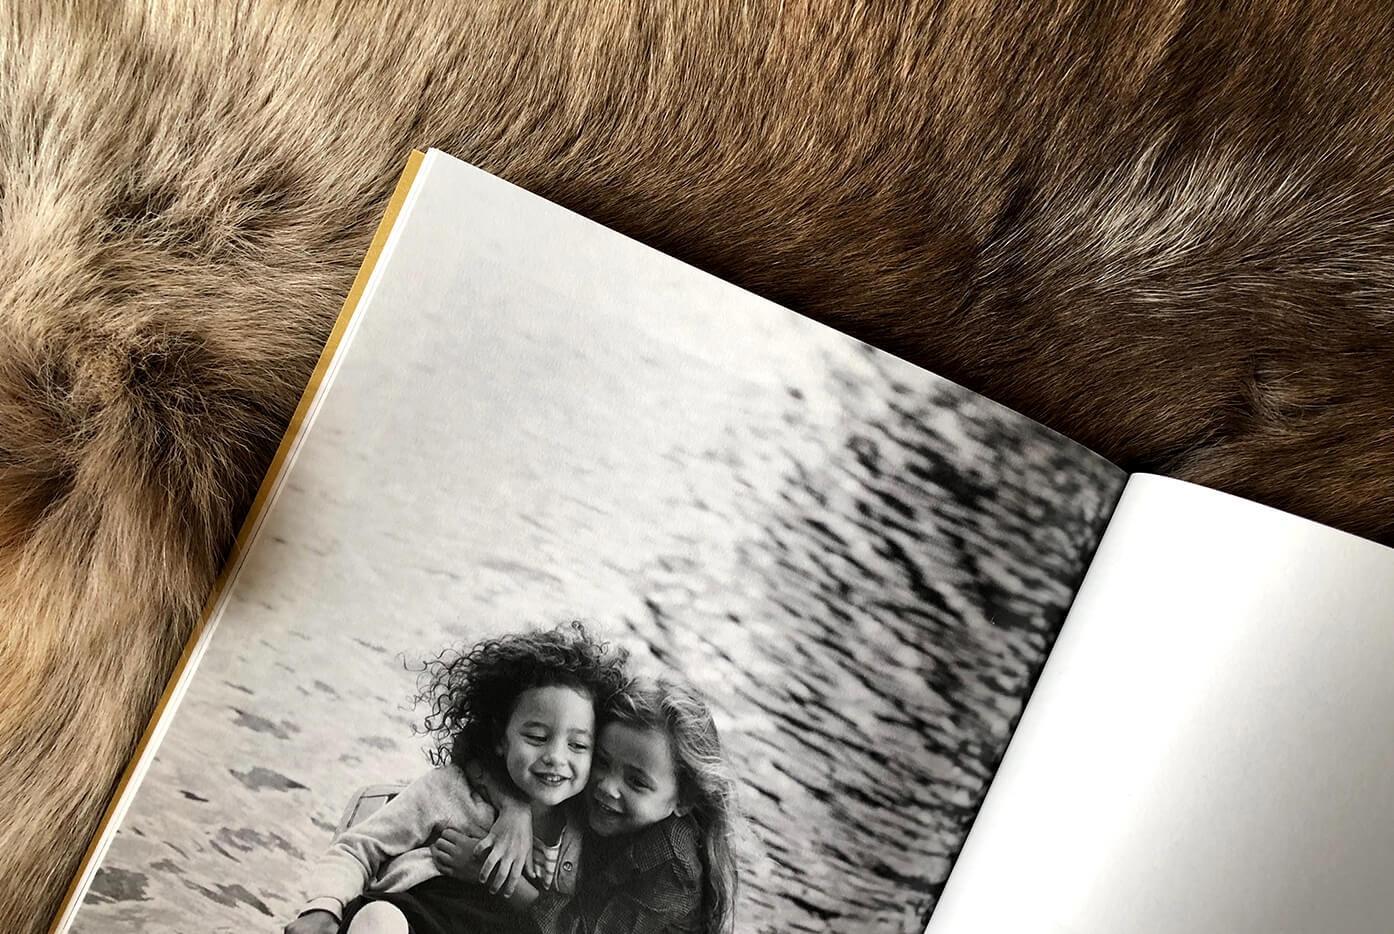 Innocence - Monochrome - Album photo personnalisé - Noir & Blanc